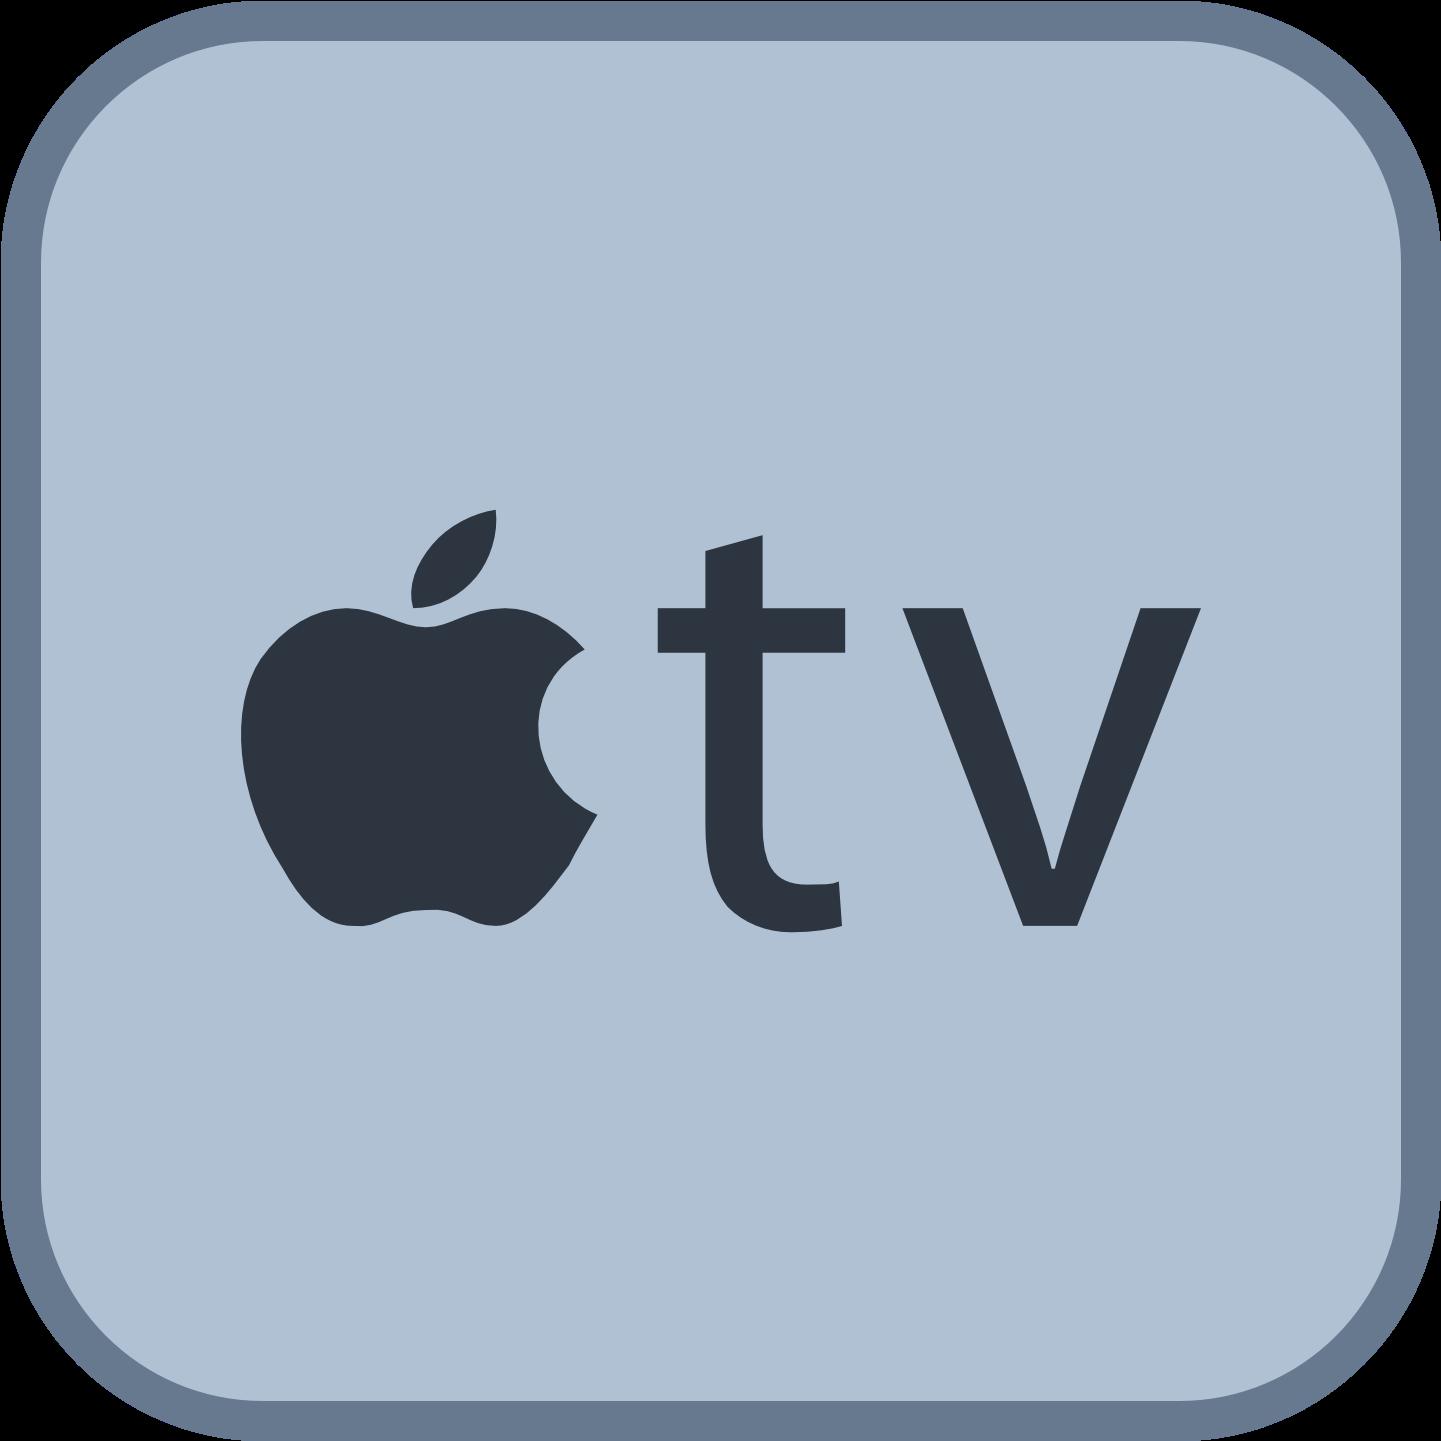 appl tv logo